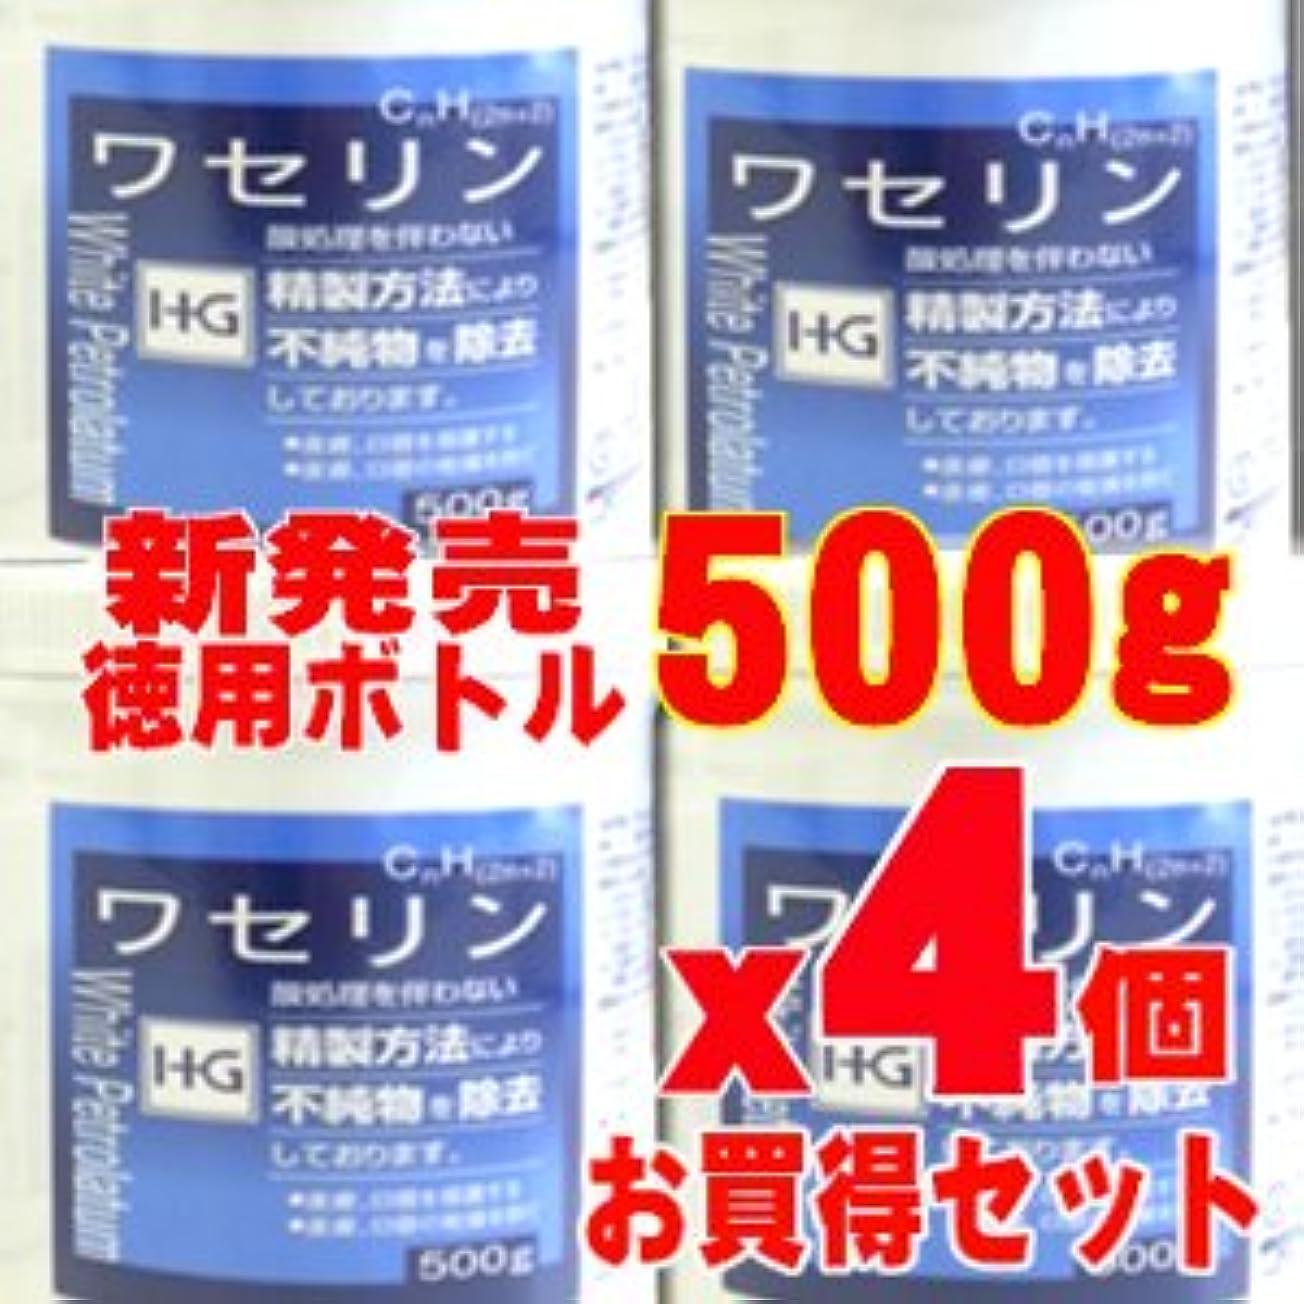 リクルートネコ不規則な【敏感肌の方に最適!】皮膚保護 ワセリンHG 徳用500gx4個セット